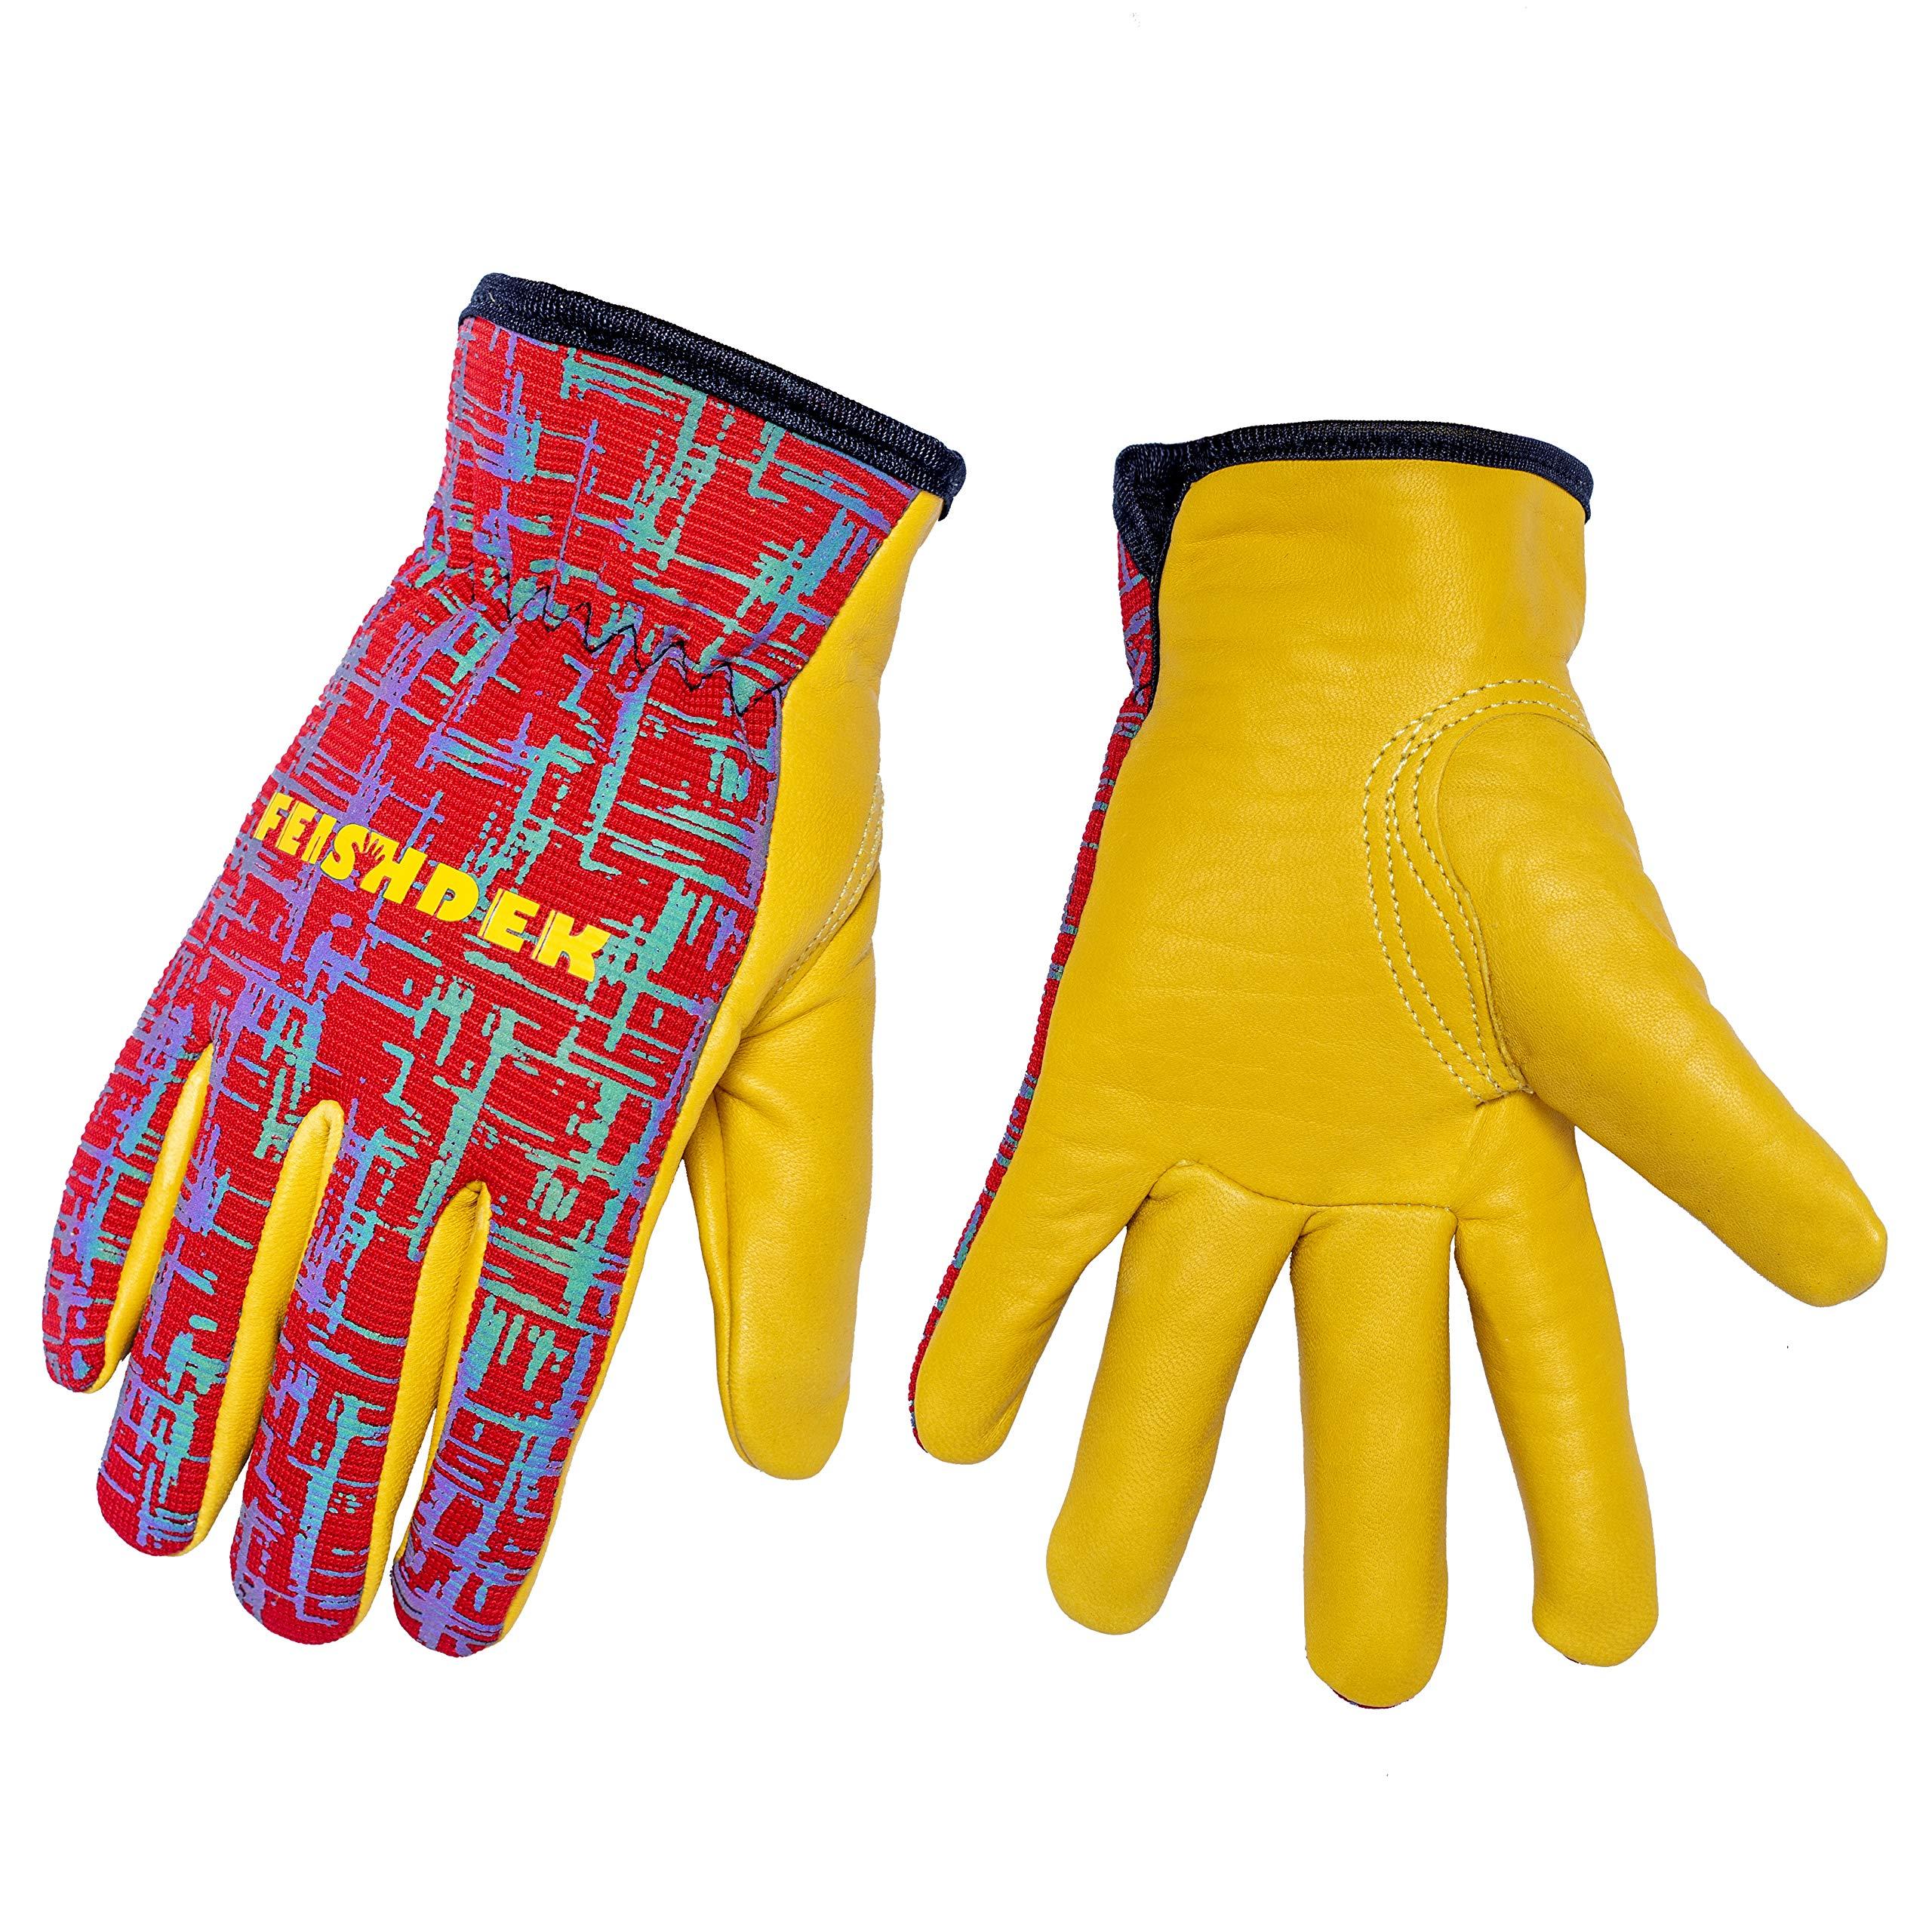 Kids Genuine Leather Work Gloves, Kids Gardening Work Gloves Safety Gloves, Reflective, Breathable Design, Perfect for Children Gardening, Yard Work, Outdoor (Medium, Red, 6-8 Years Old)